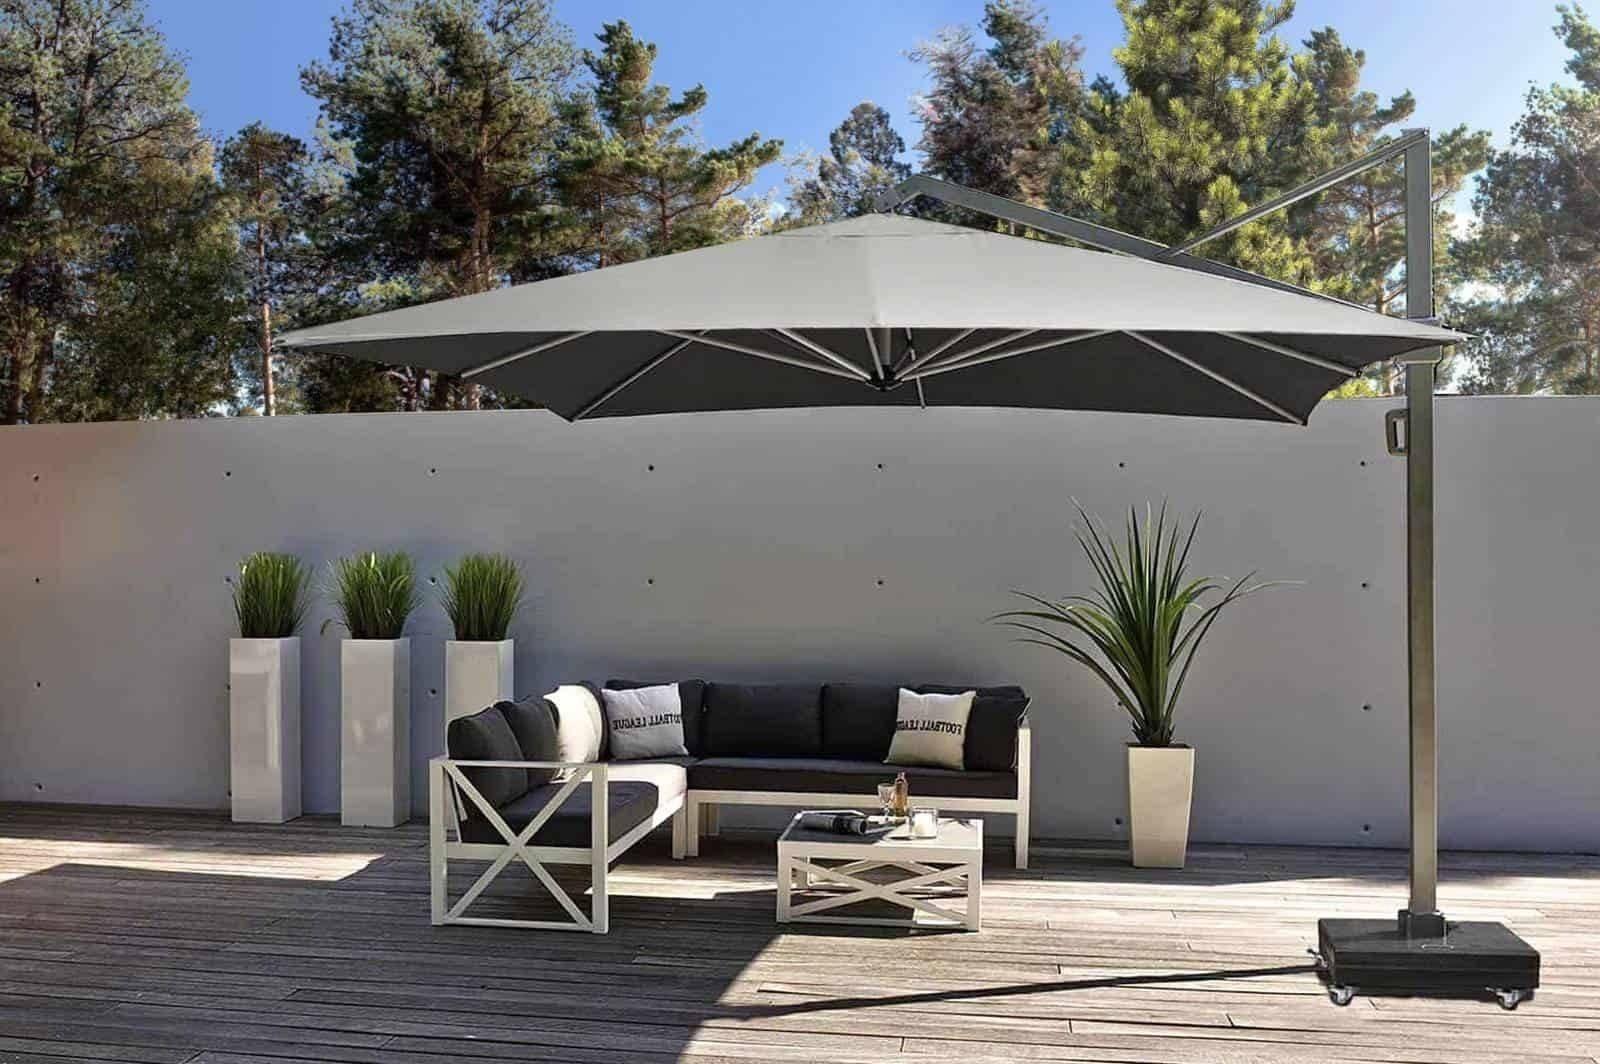 Záhradný slnečník ICON 3,5m x 3,5m